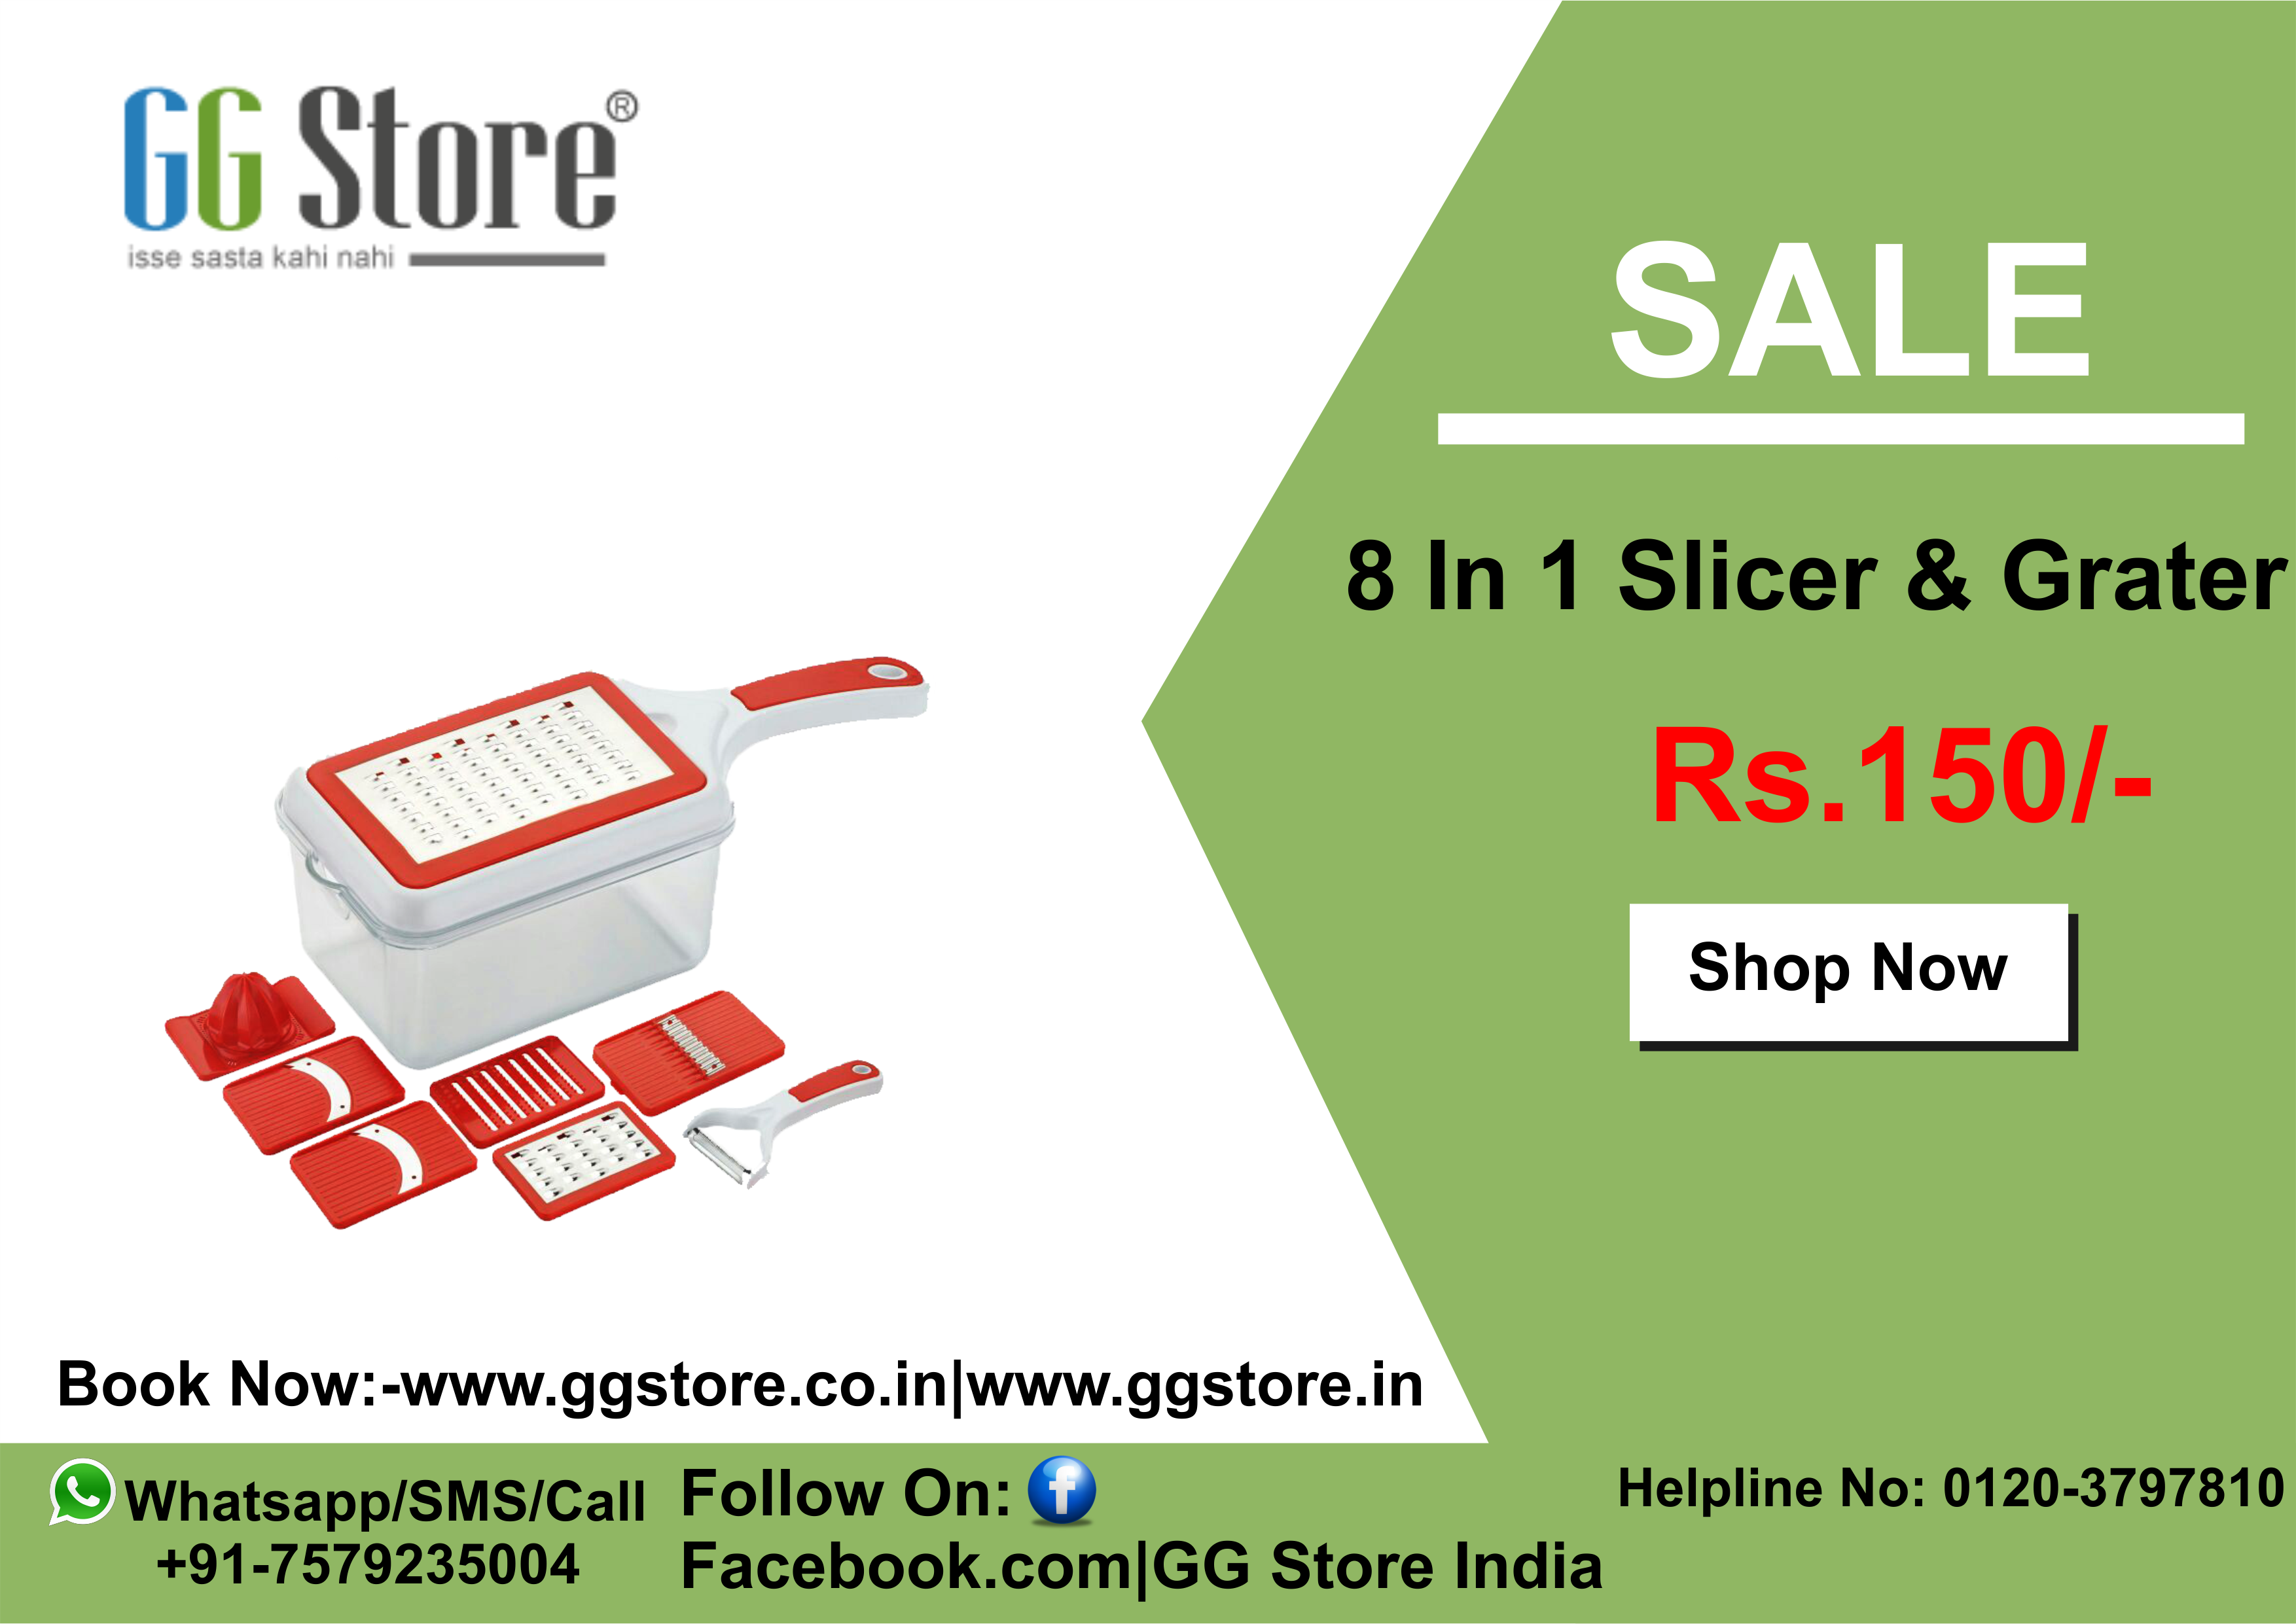 8 In 1 Slicer & Grater Rs.150/ Shop on GG Store Offline